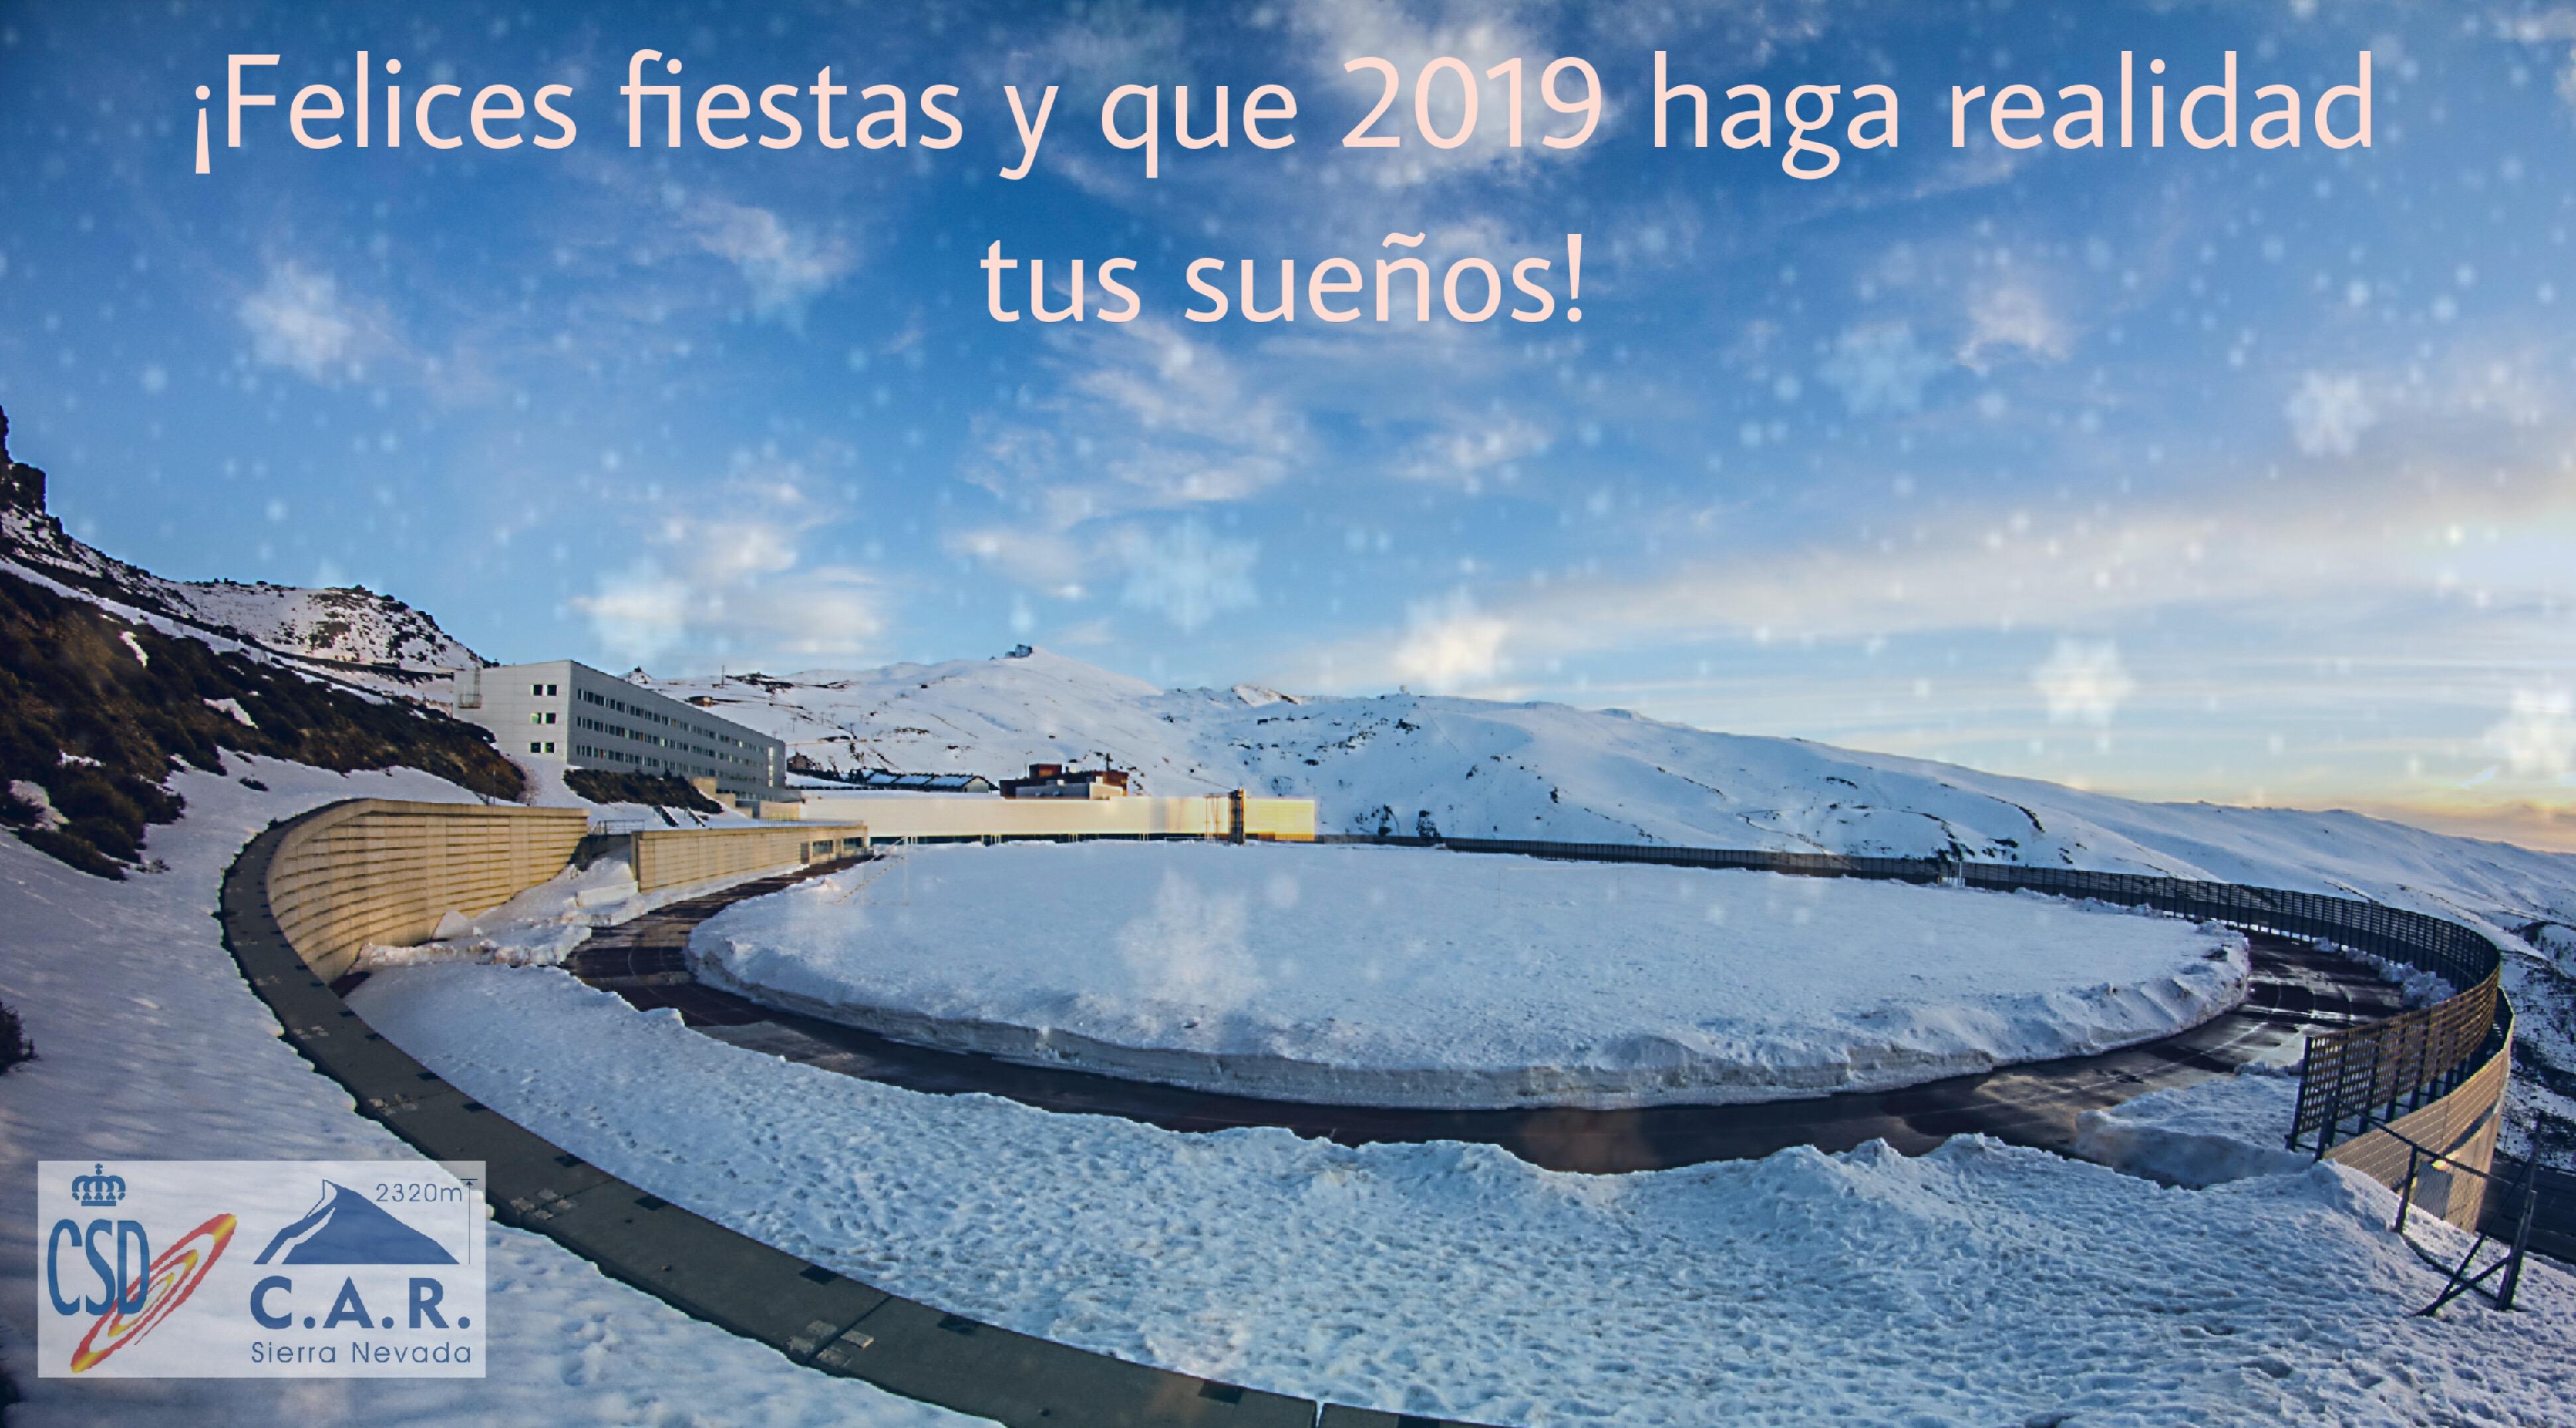 Felicitaciones Para Navidad 2019.Felicitacion Navidad 2019 C A R Sierra Nevada